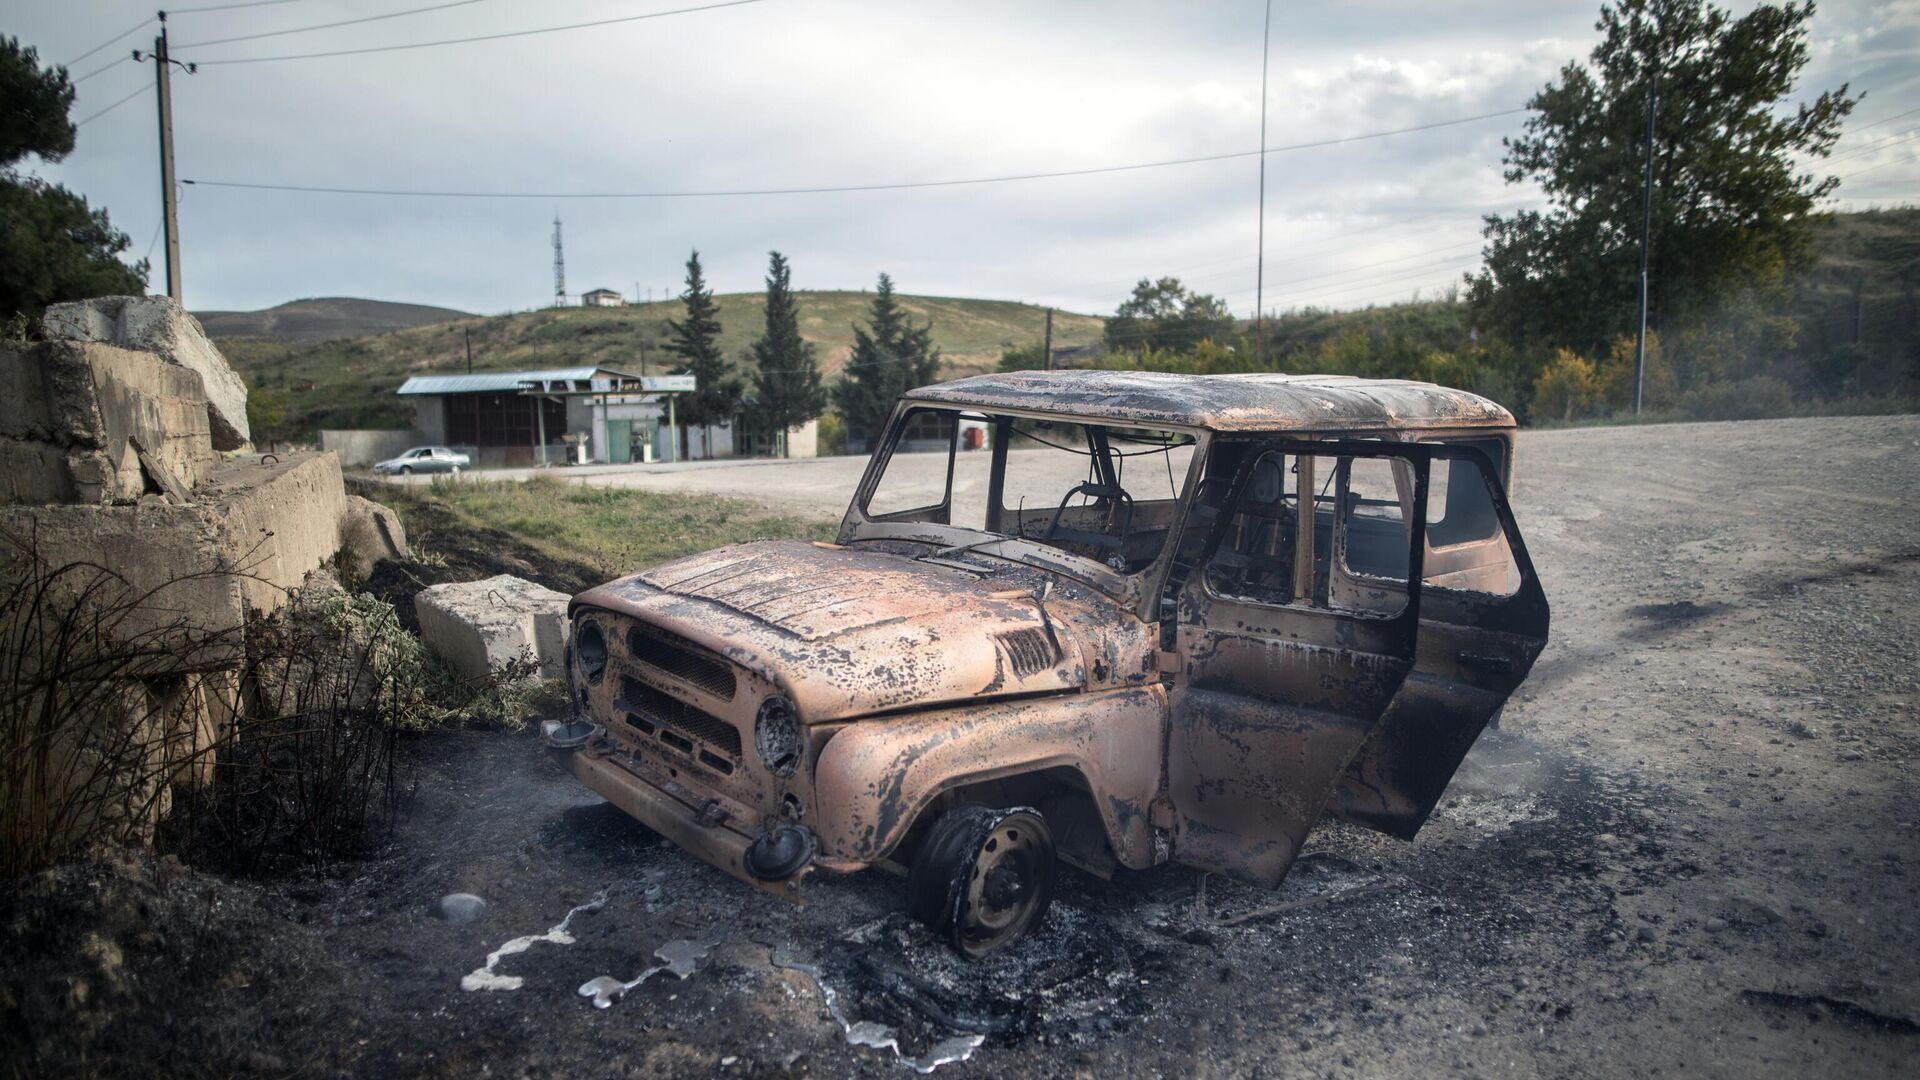 Последствия обстрела города Мартуни в Нагорном Карабахе - РИА Новости, 1920, 27.10.2020